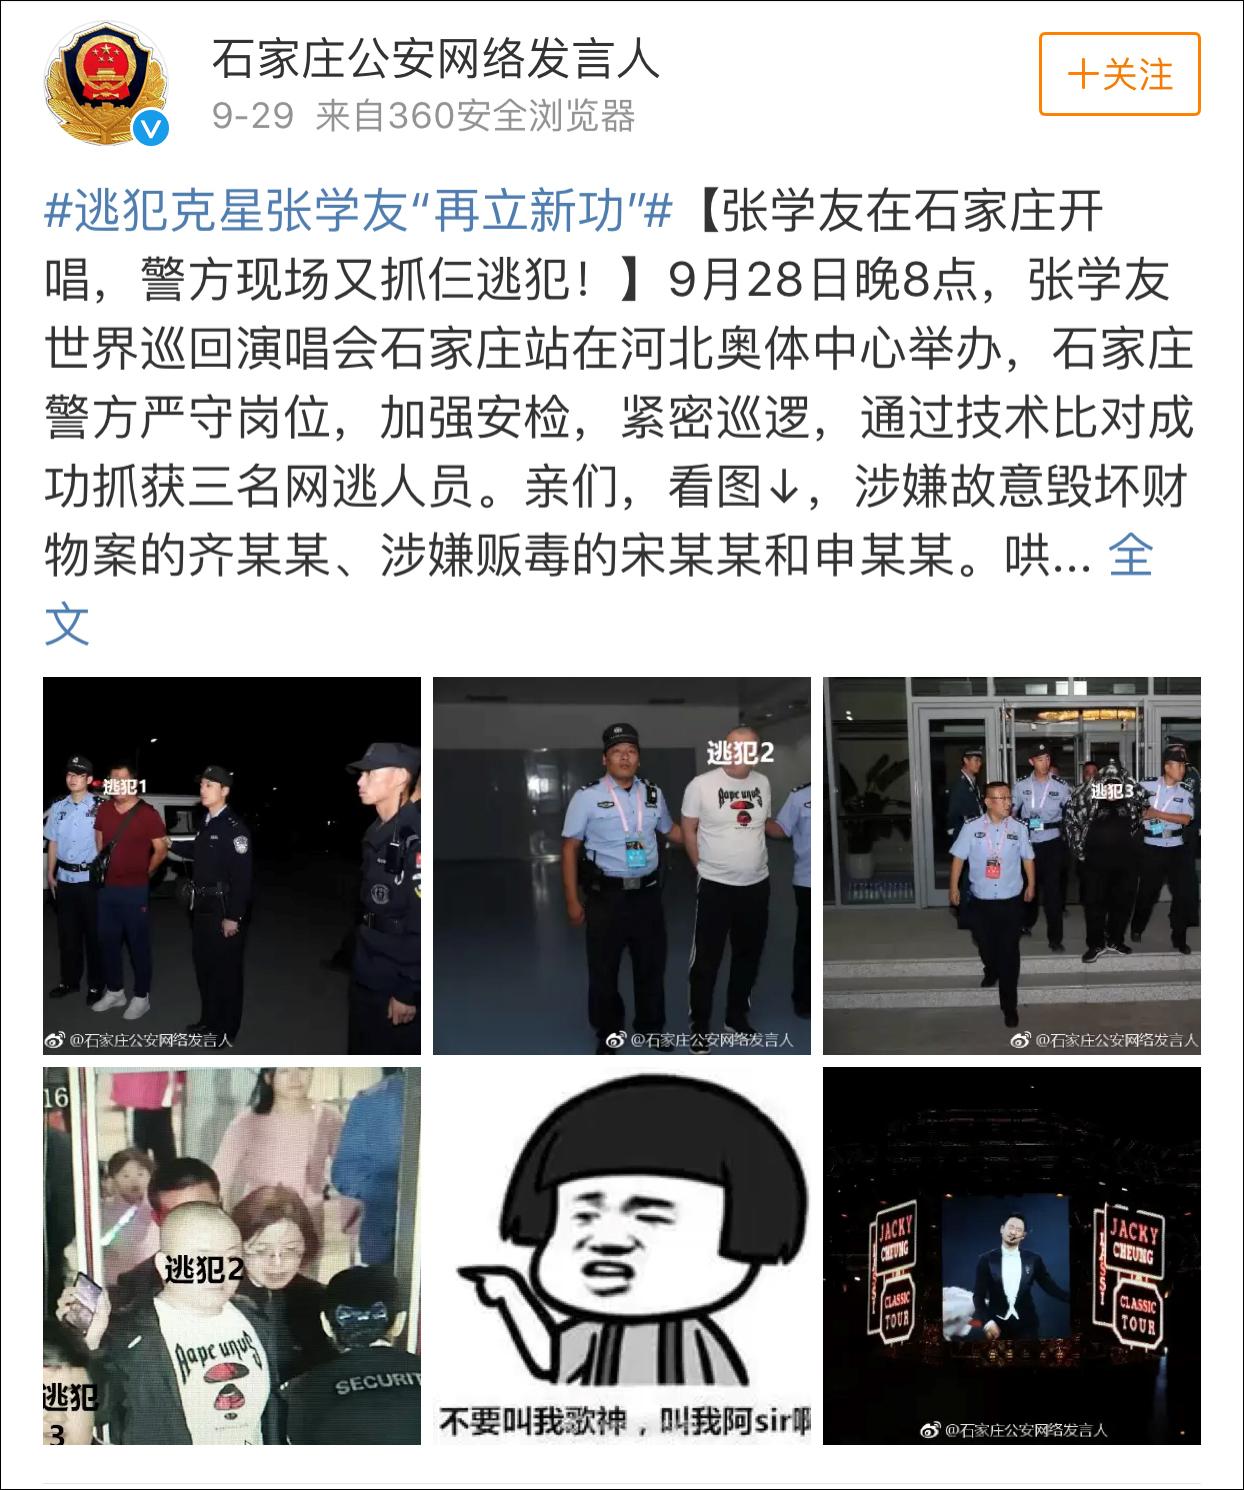 """张学友合肥举办演唱会 警方""""趁机""""抓获9名网上逃犯"""